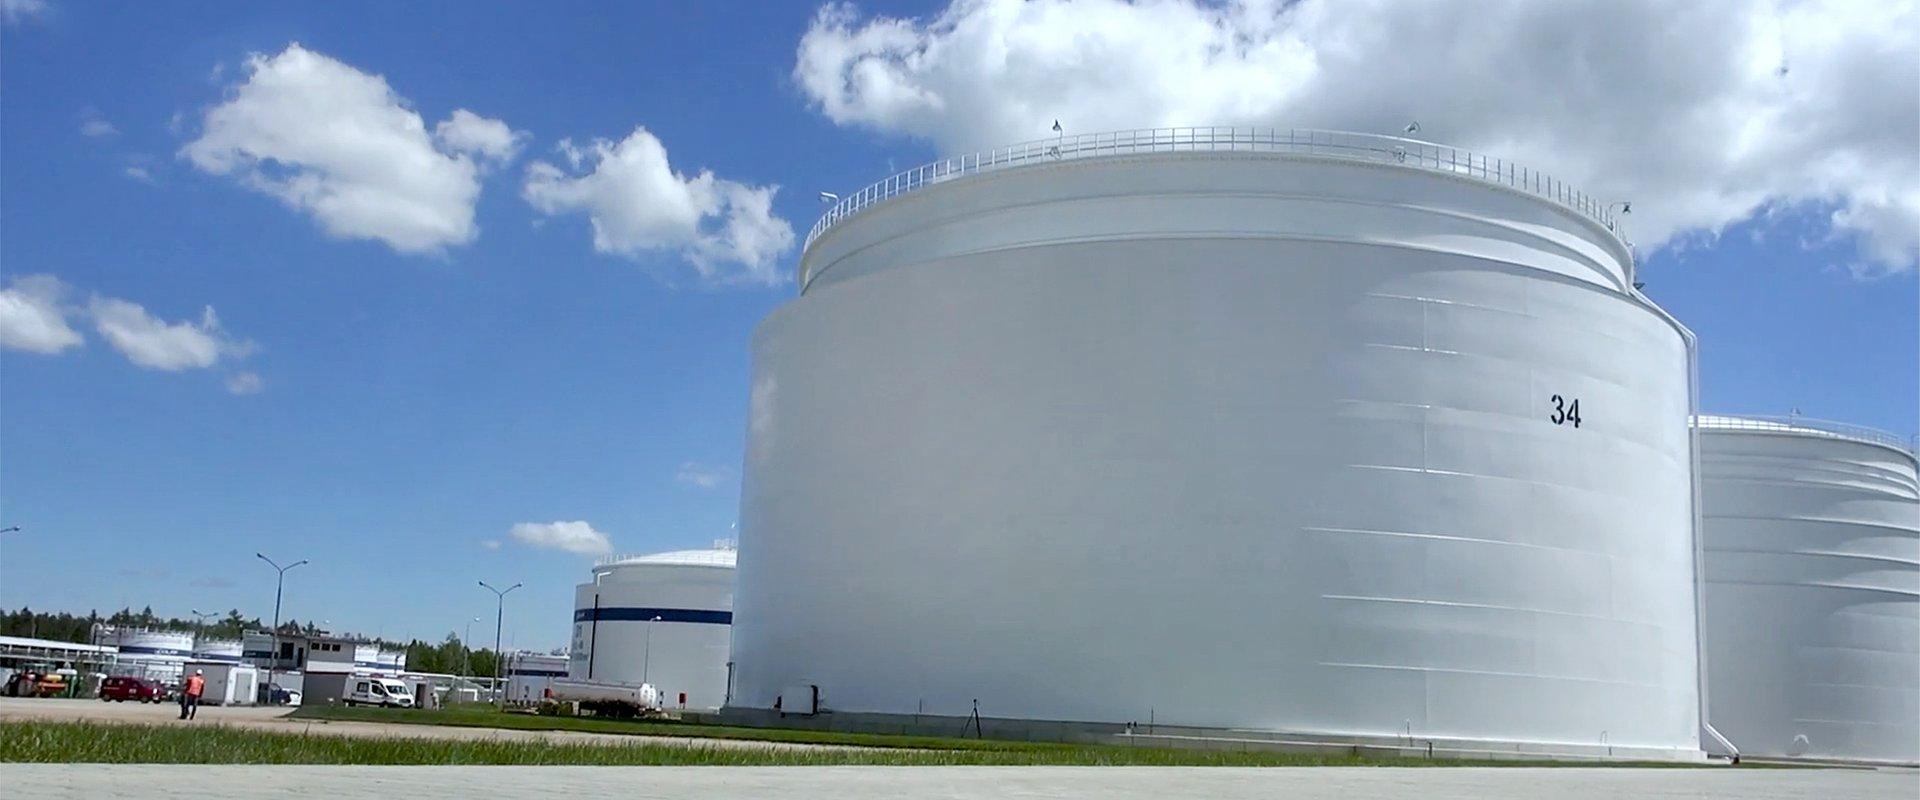 W przyszłym roku PERN dostarczy Klientom aż 7 nowych zbiorników na paliwa